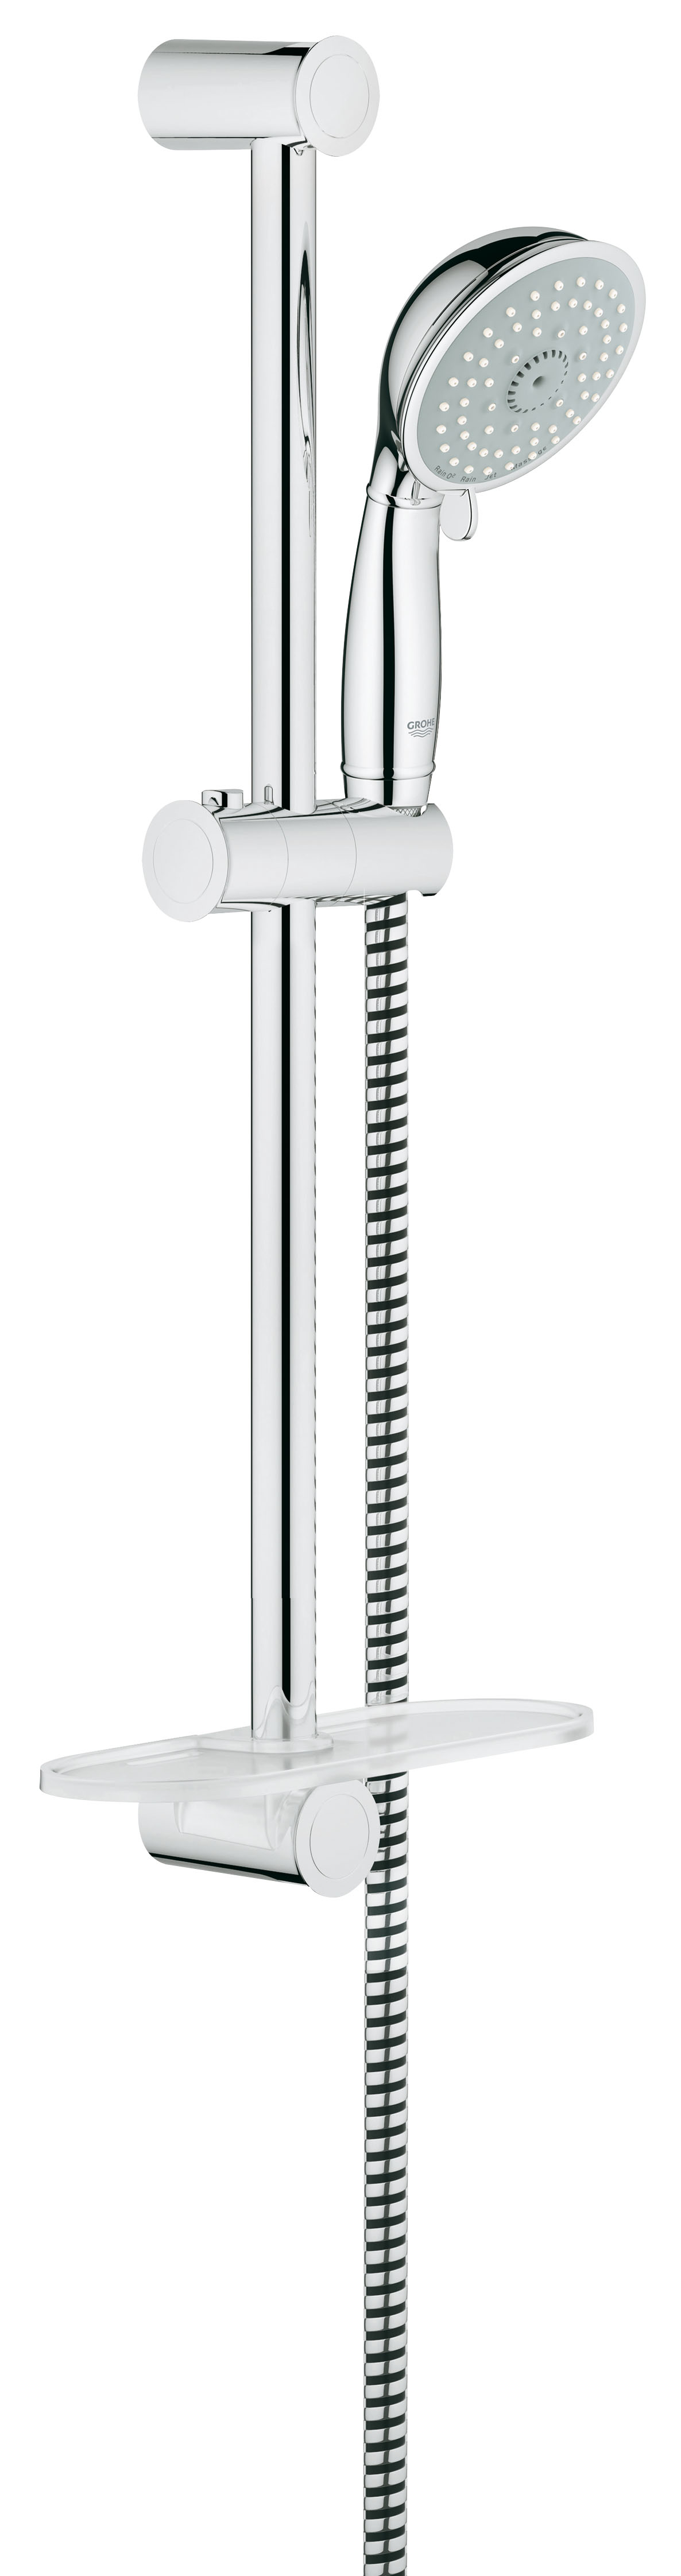 Душевой комплект GROHE New Tempesta, штанга 600 мм. (27609000)27609000Душевой комплект GROHE New Tempesta включает в себя: ручной душ, душевую штангу 600 мм, душевой шланг 1750 мм, и полочку GROHE EasyReach. Технология SpeedClean предотвращает известковые отложения, а внутренний охлаждающий канал значительно продлевает срок службы. Система Twistfree препятствует перекручиванию шланга. Технология Grohe EcoJoy позволяет уменьшать расход воды до 9,5 л/мин. Данная модель подходит для проточных водонагревателей.